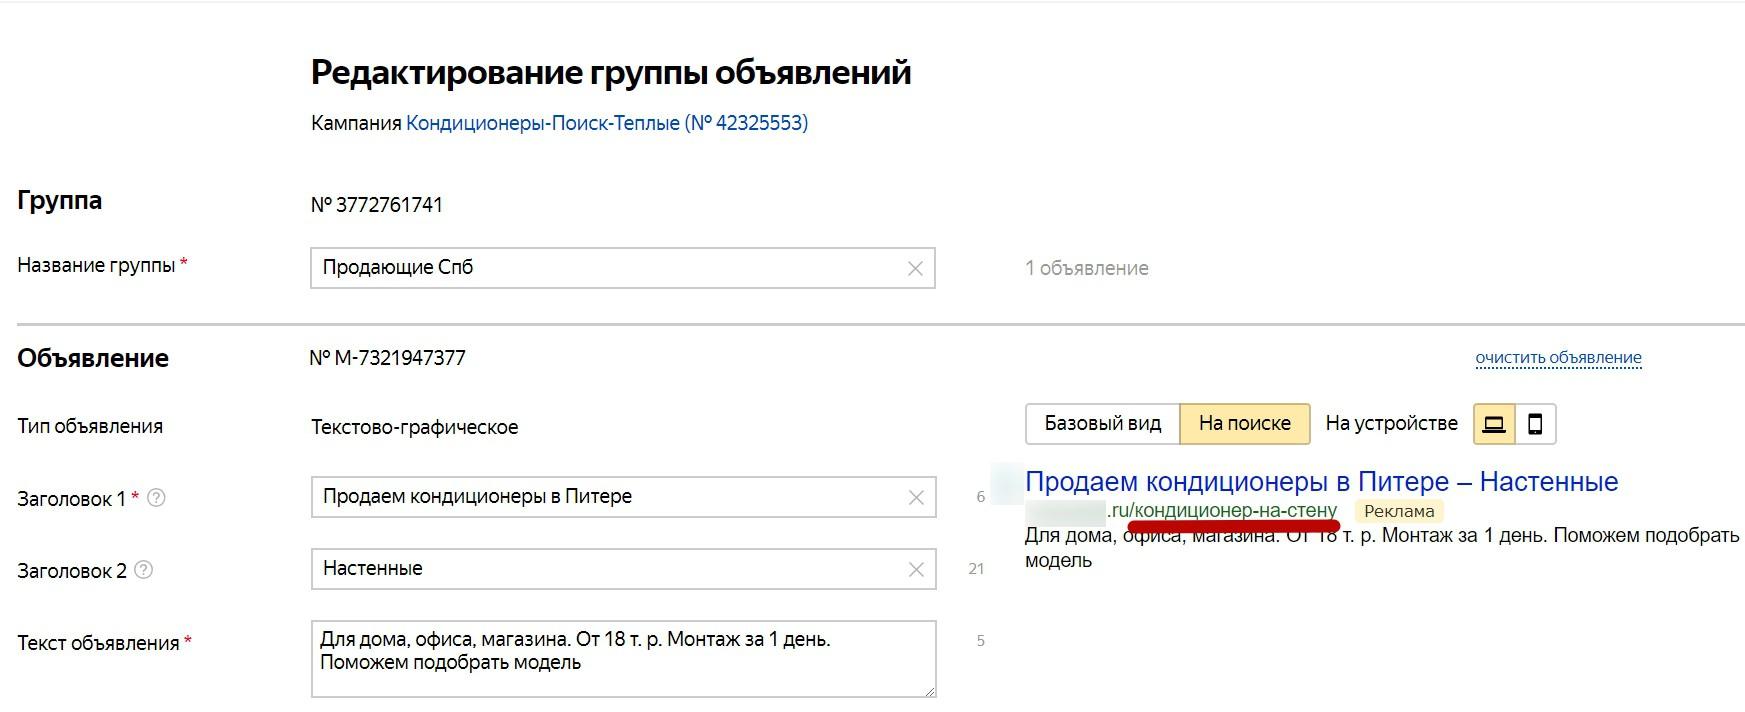 Реклама на поиске Яндекса – как выглядит объявление с отображаемой ссылкой